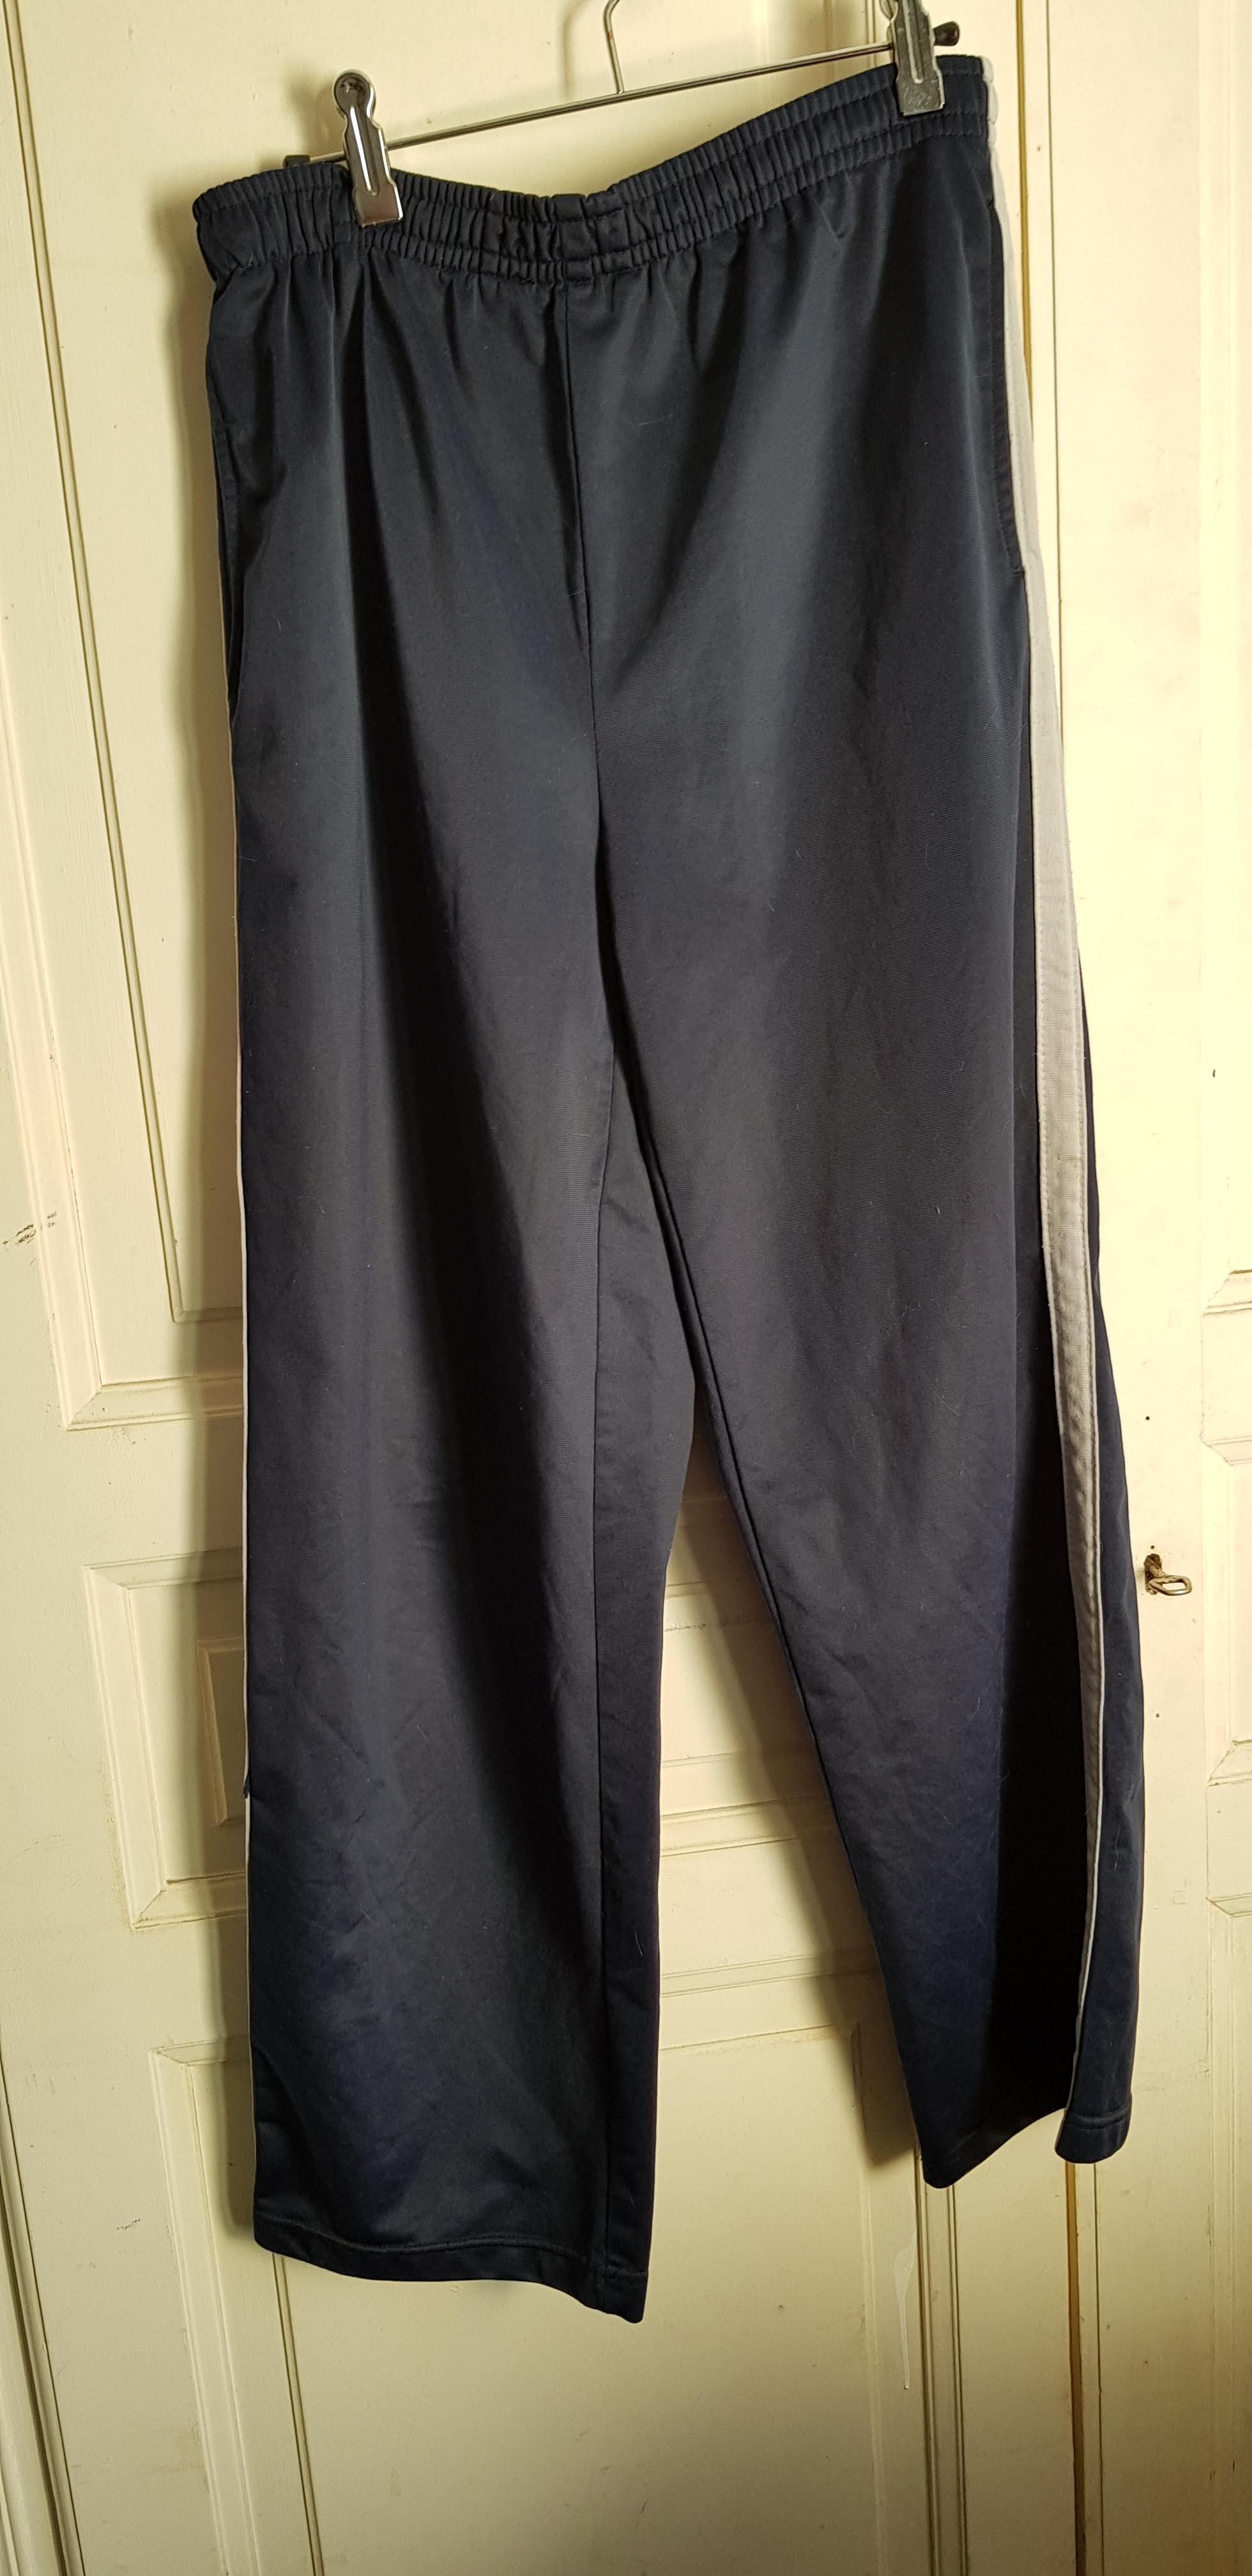 troc de troc pantalon de sport bleu marine et gris image 0